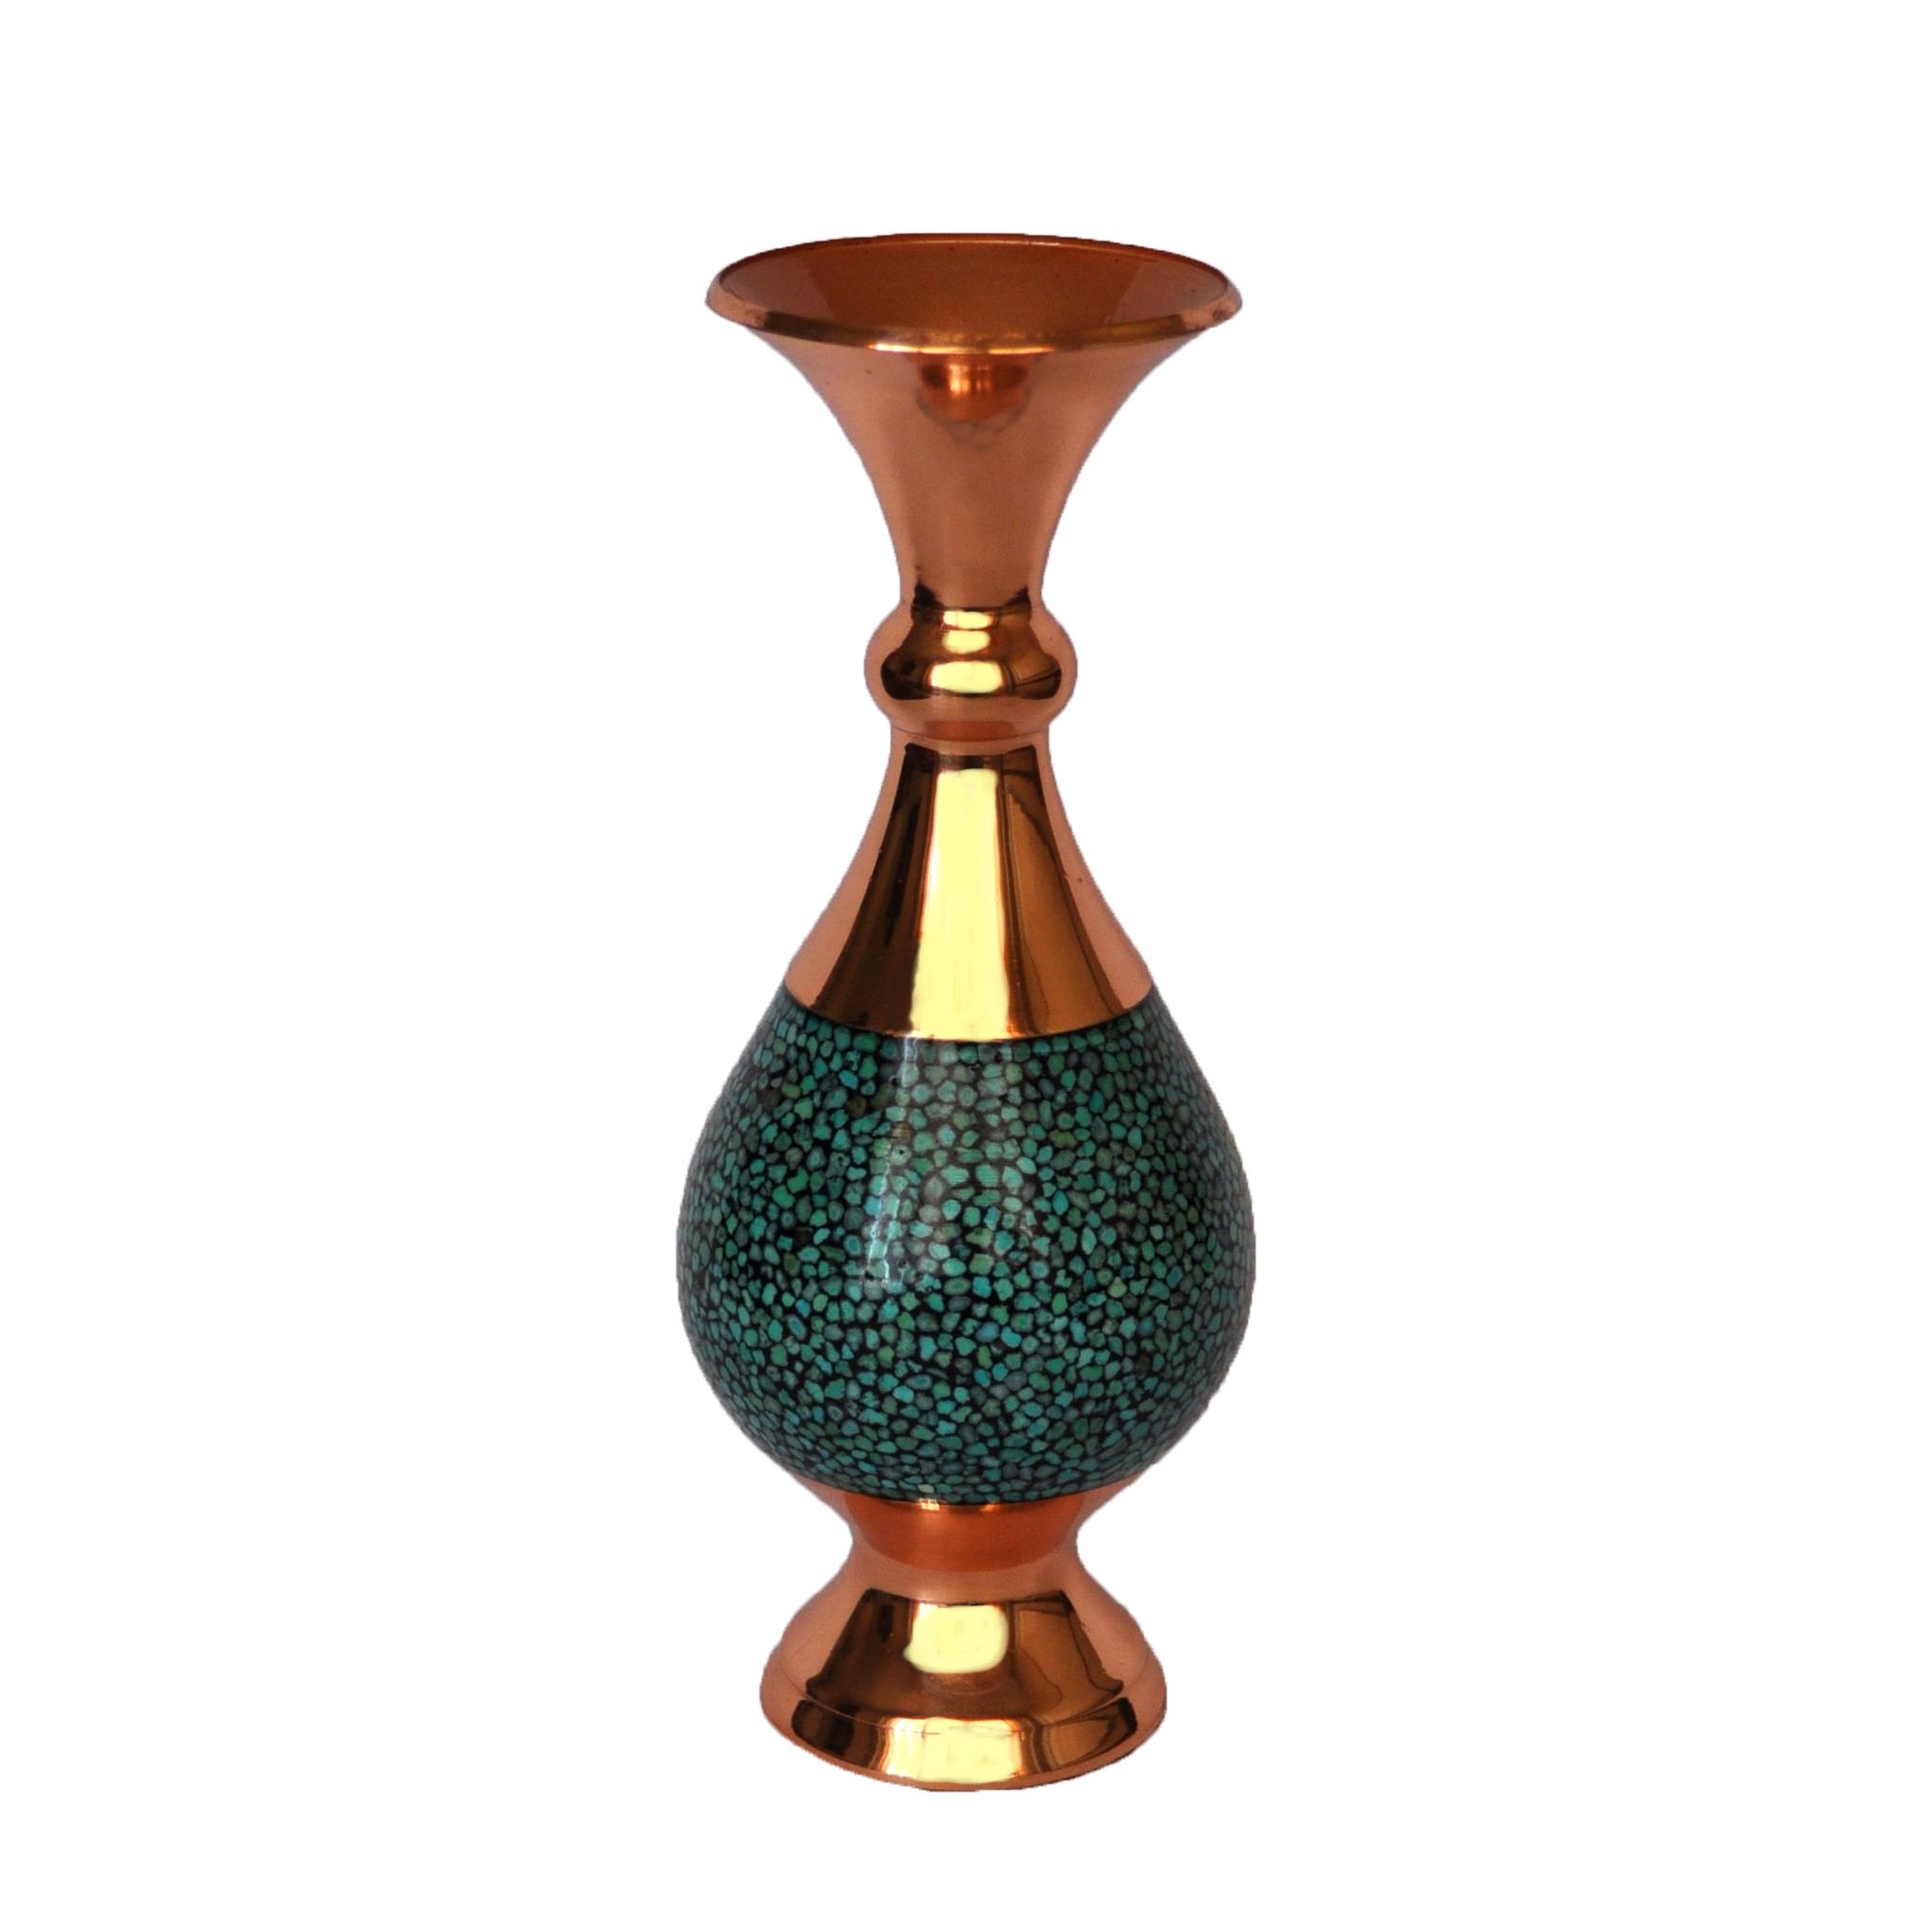 گلدان فیروزه کوبی شیرازی کد 1105002